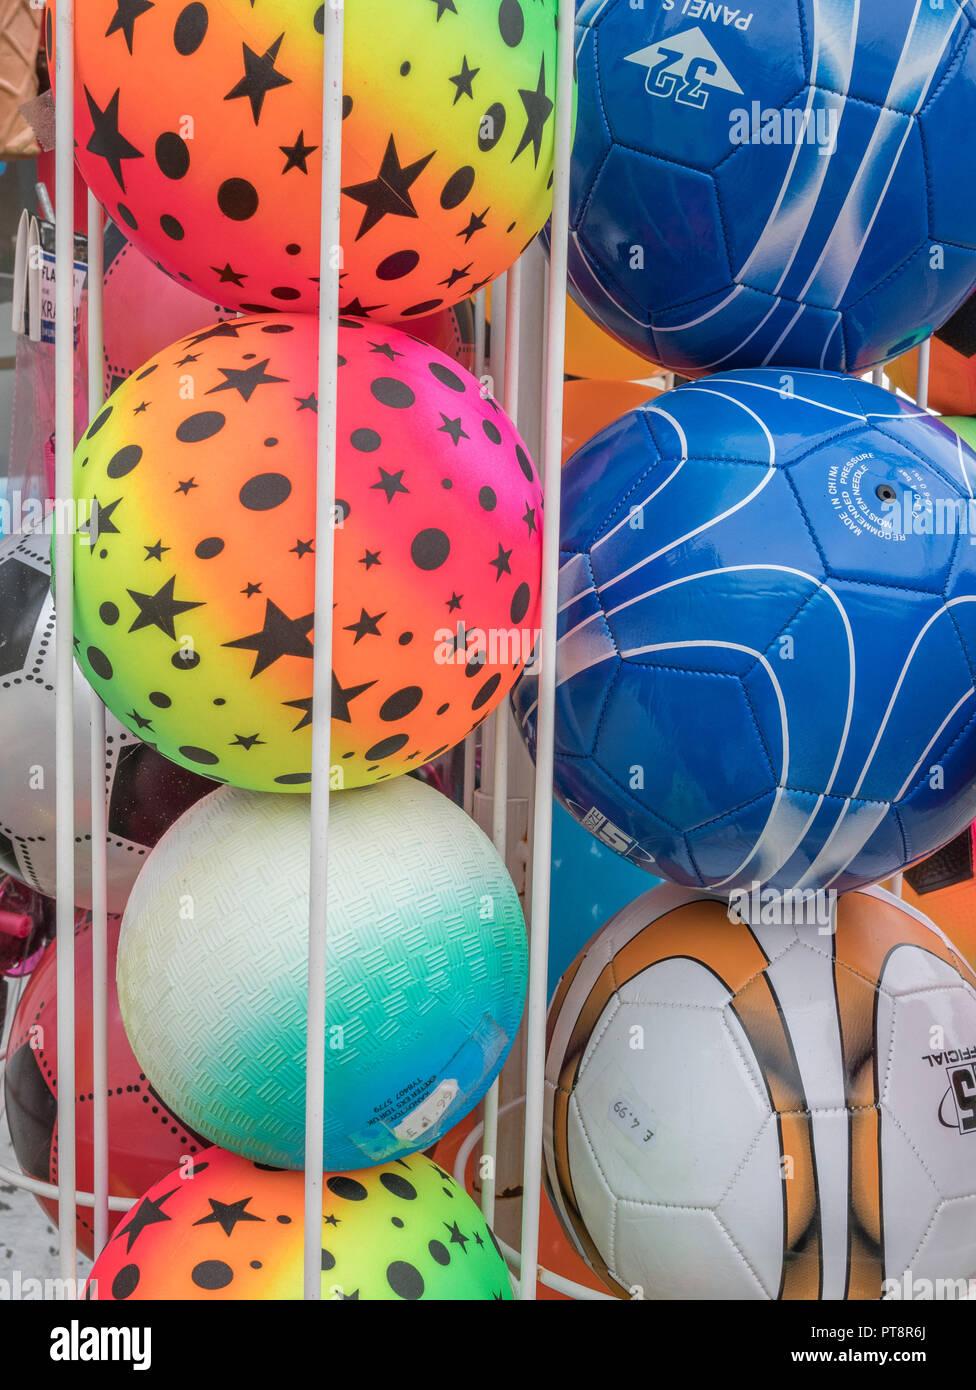 Pelotas de playa a la venta en una tienda de souvenir y Newquay seaside.  Imagen 132e9315b316c